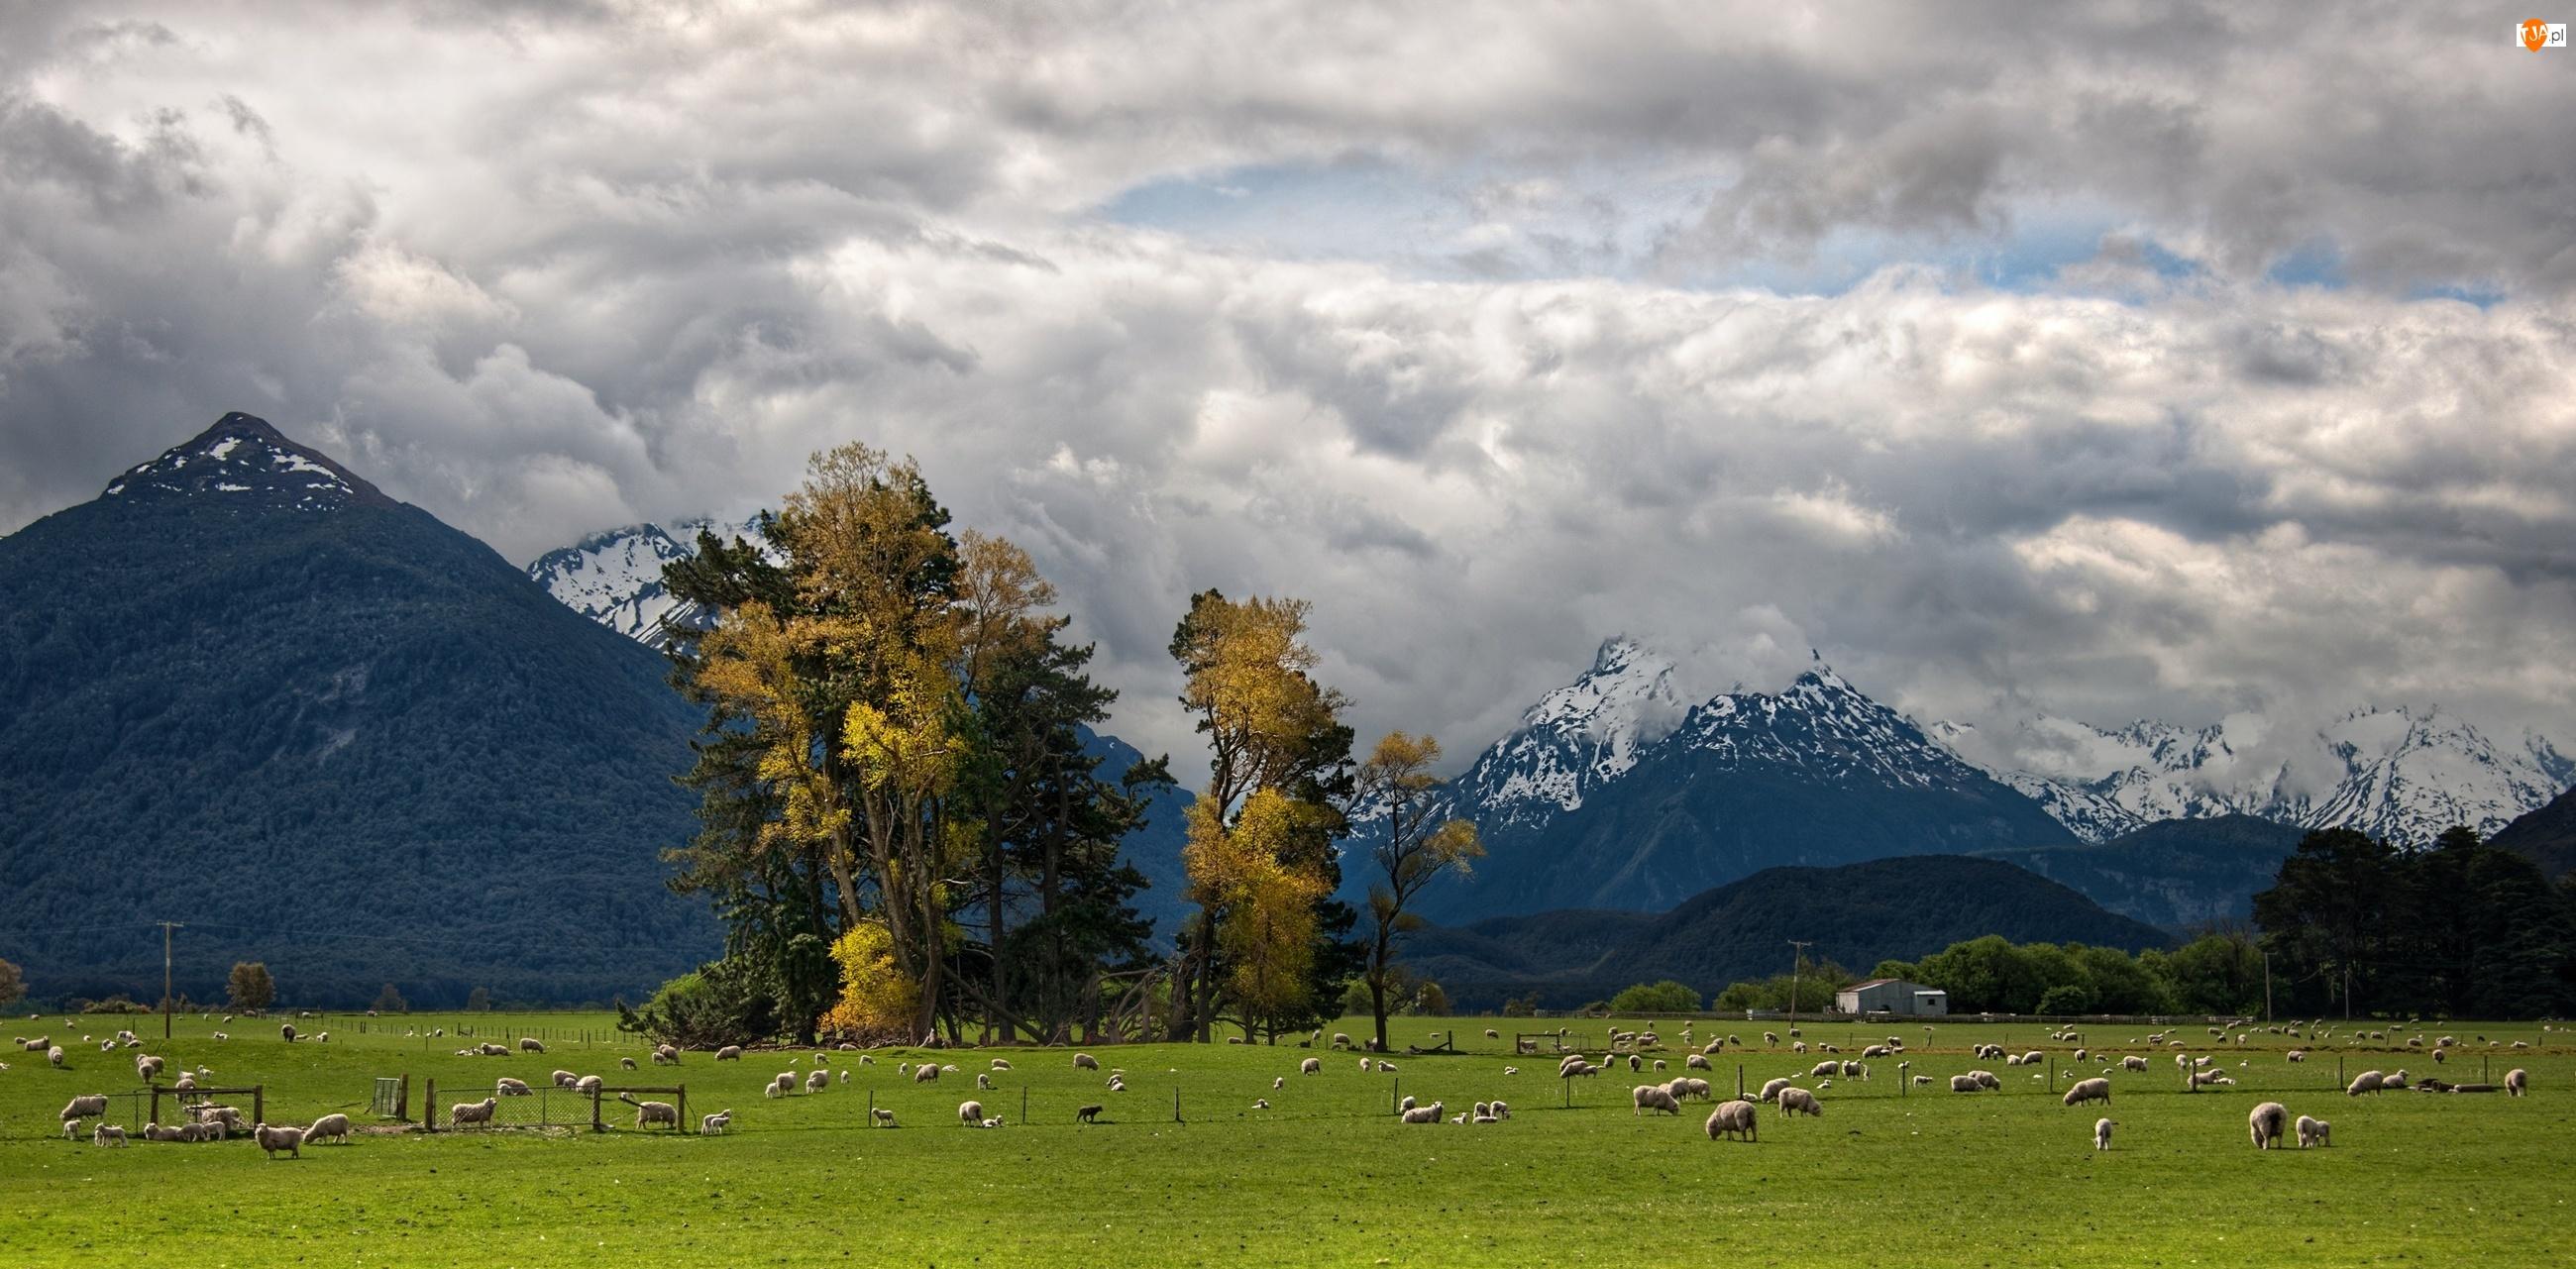 Góry, Nowa Zelandia, Pastwisko, Trey Ratcliff, Owce, Glenarchy